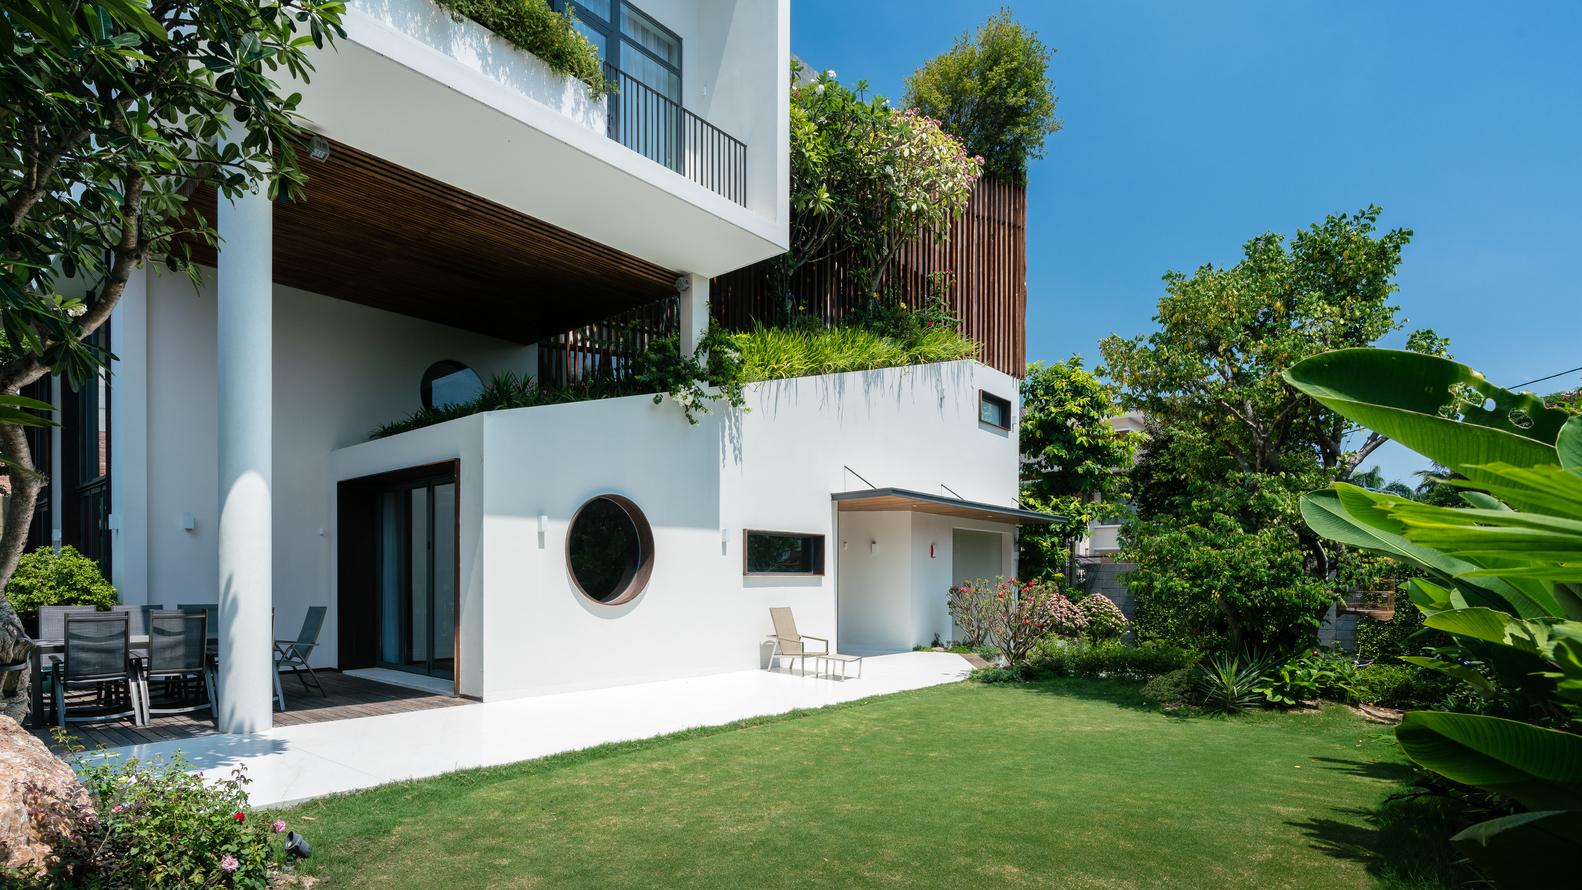 thảm cỏ và cây xanh bên ngoài biệt thự